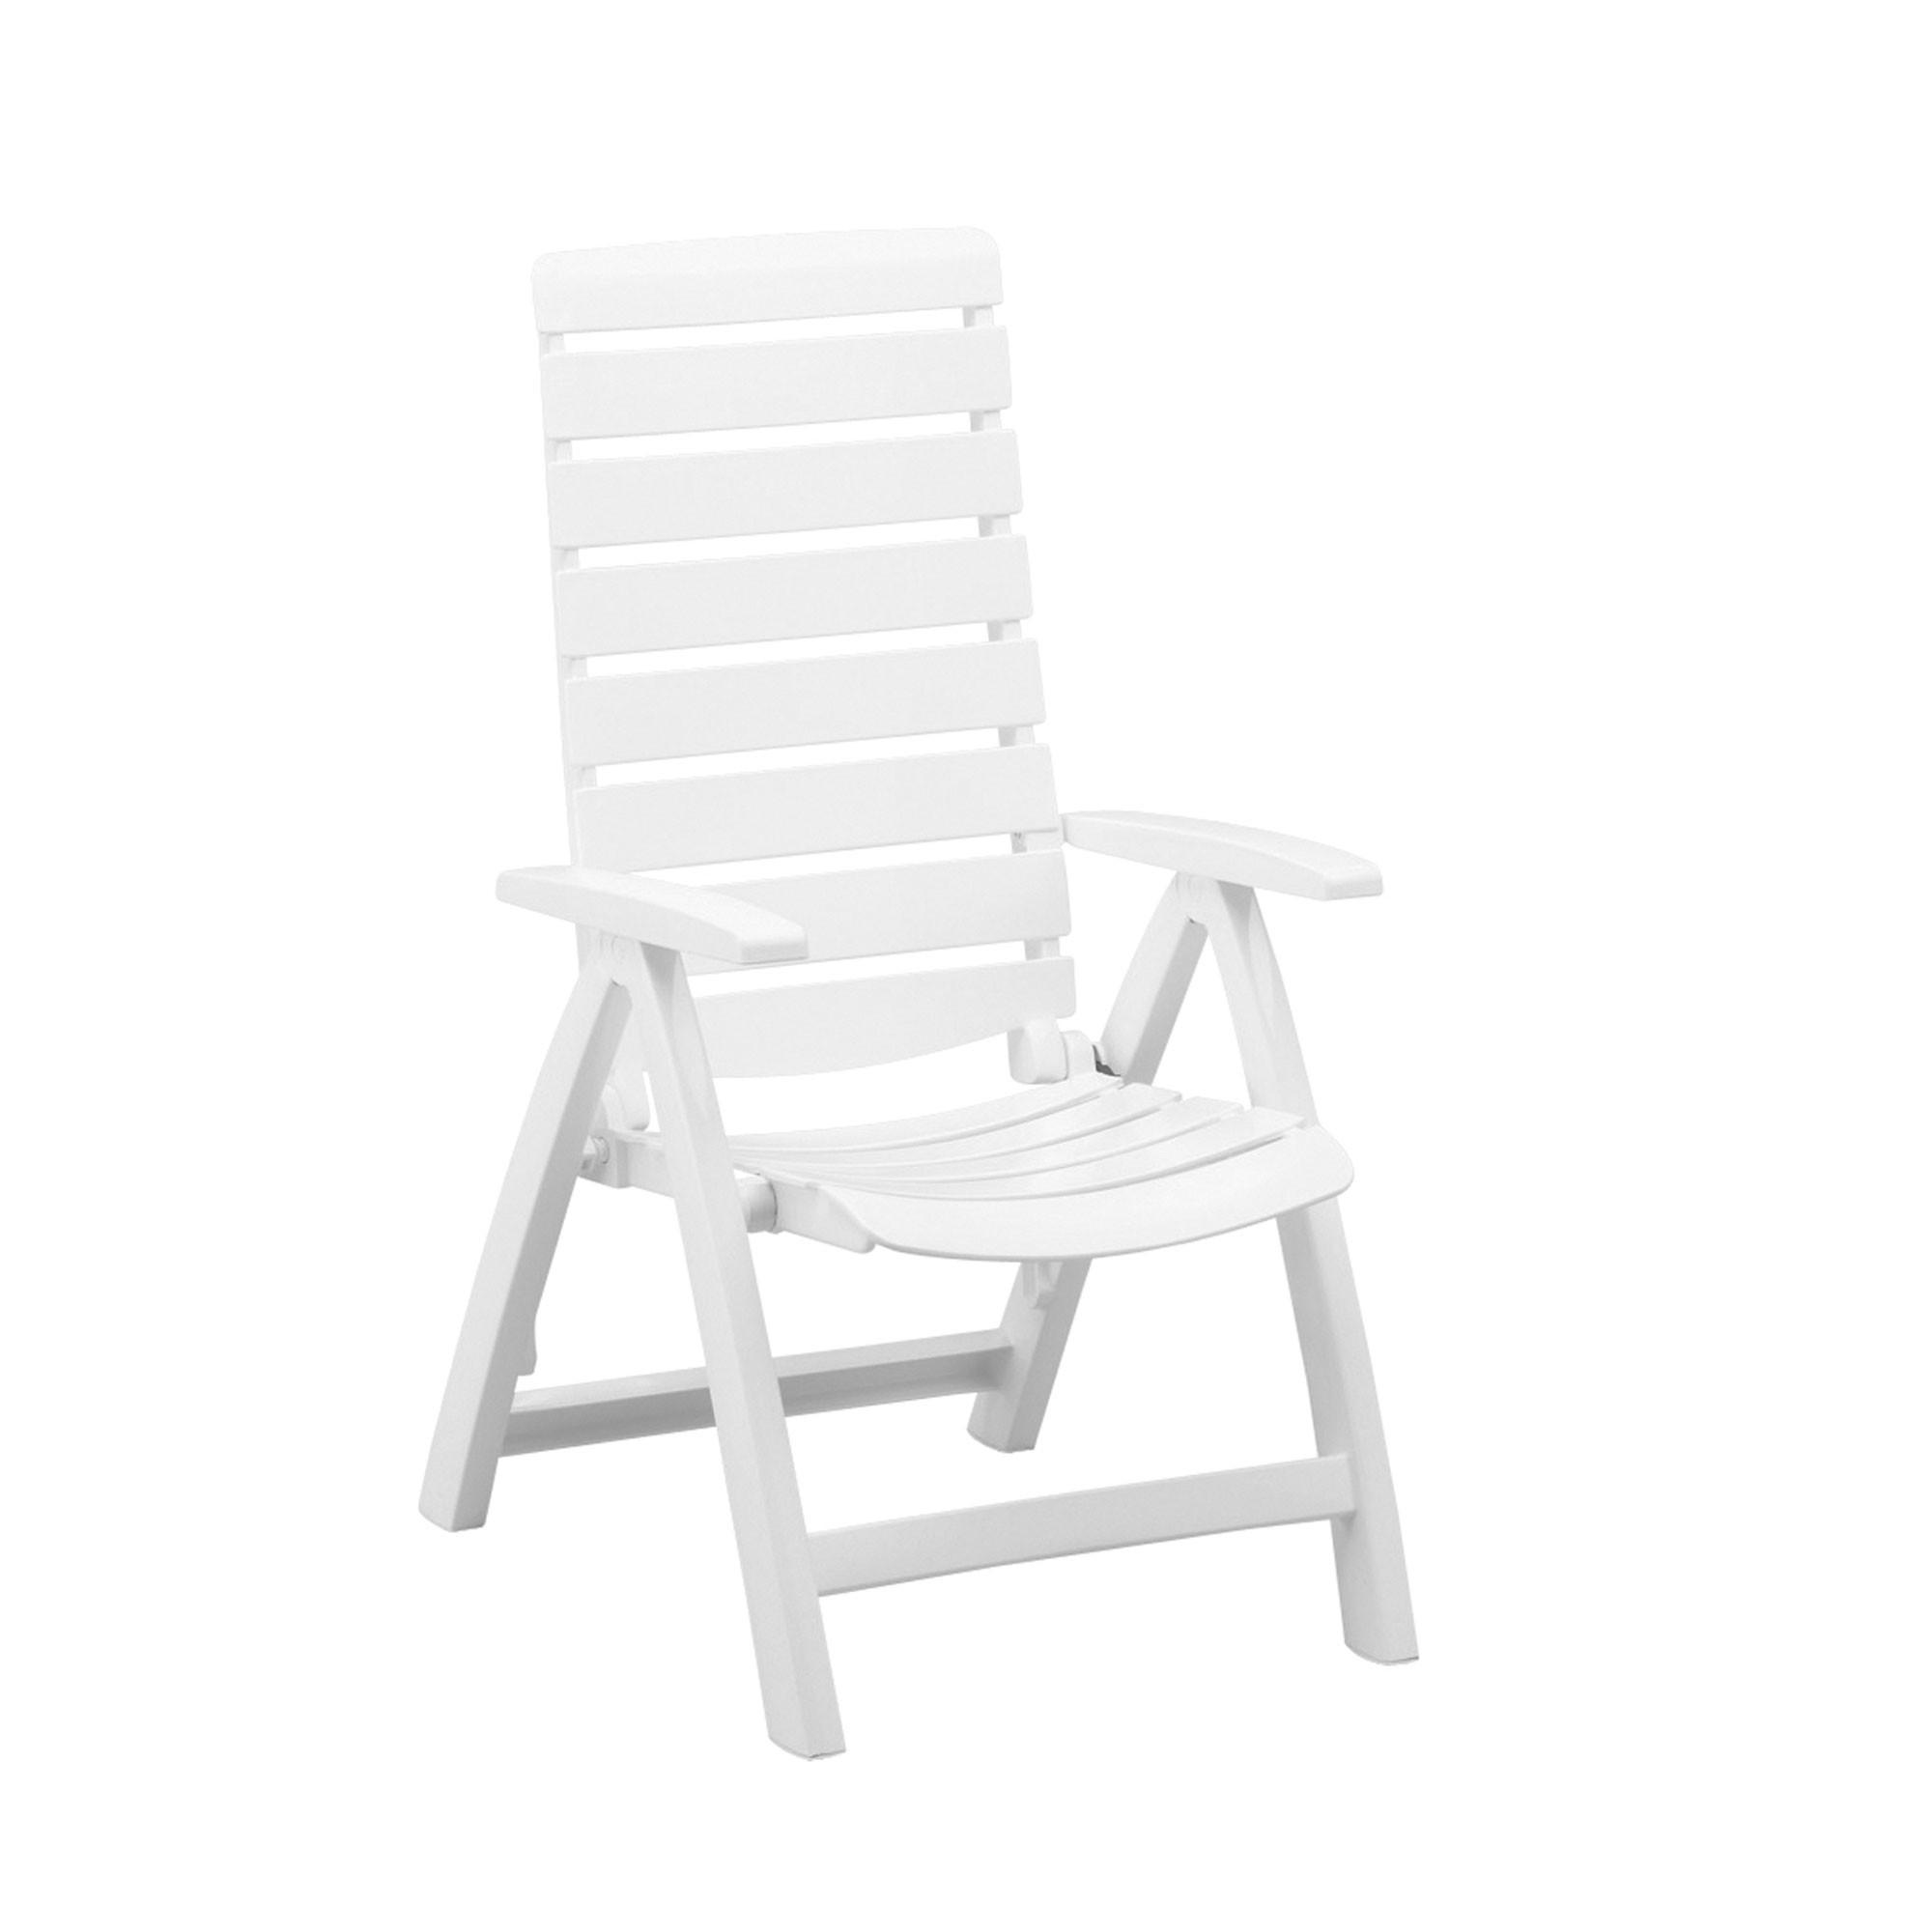 Table et chaises de jardin kettler - veranda-styledevie.fr